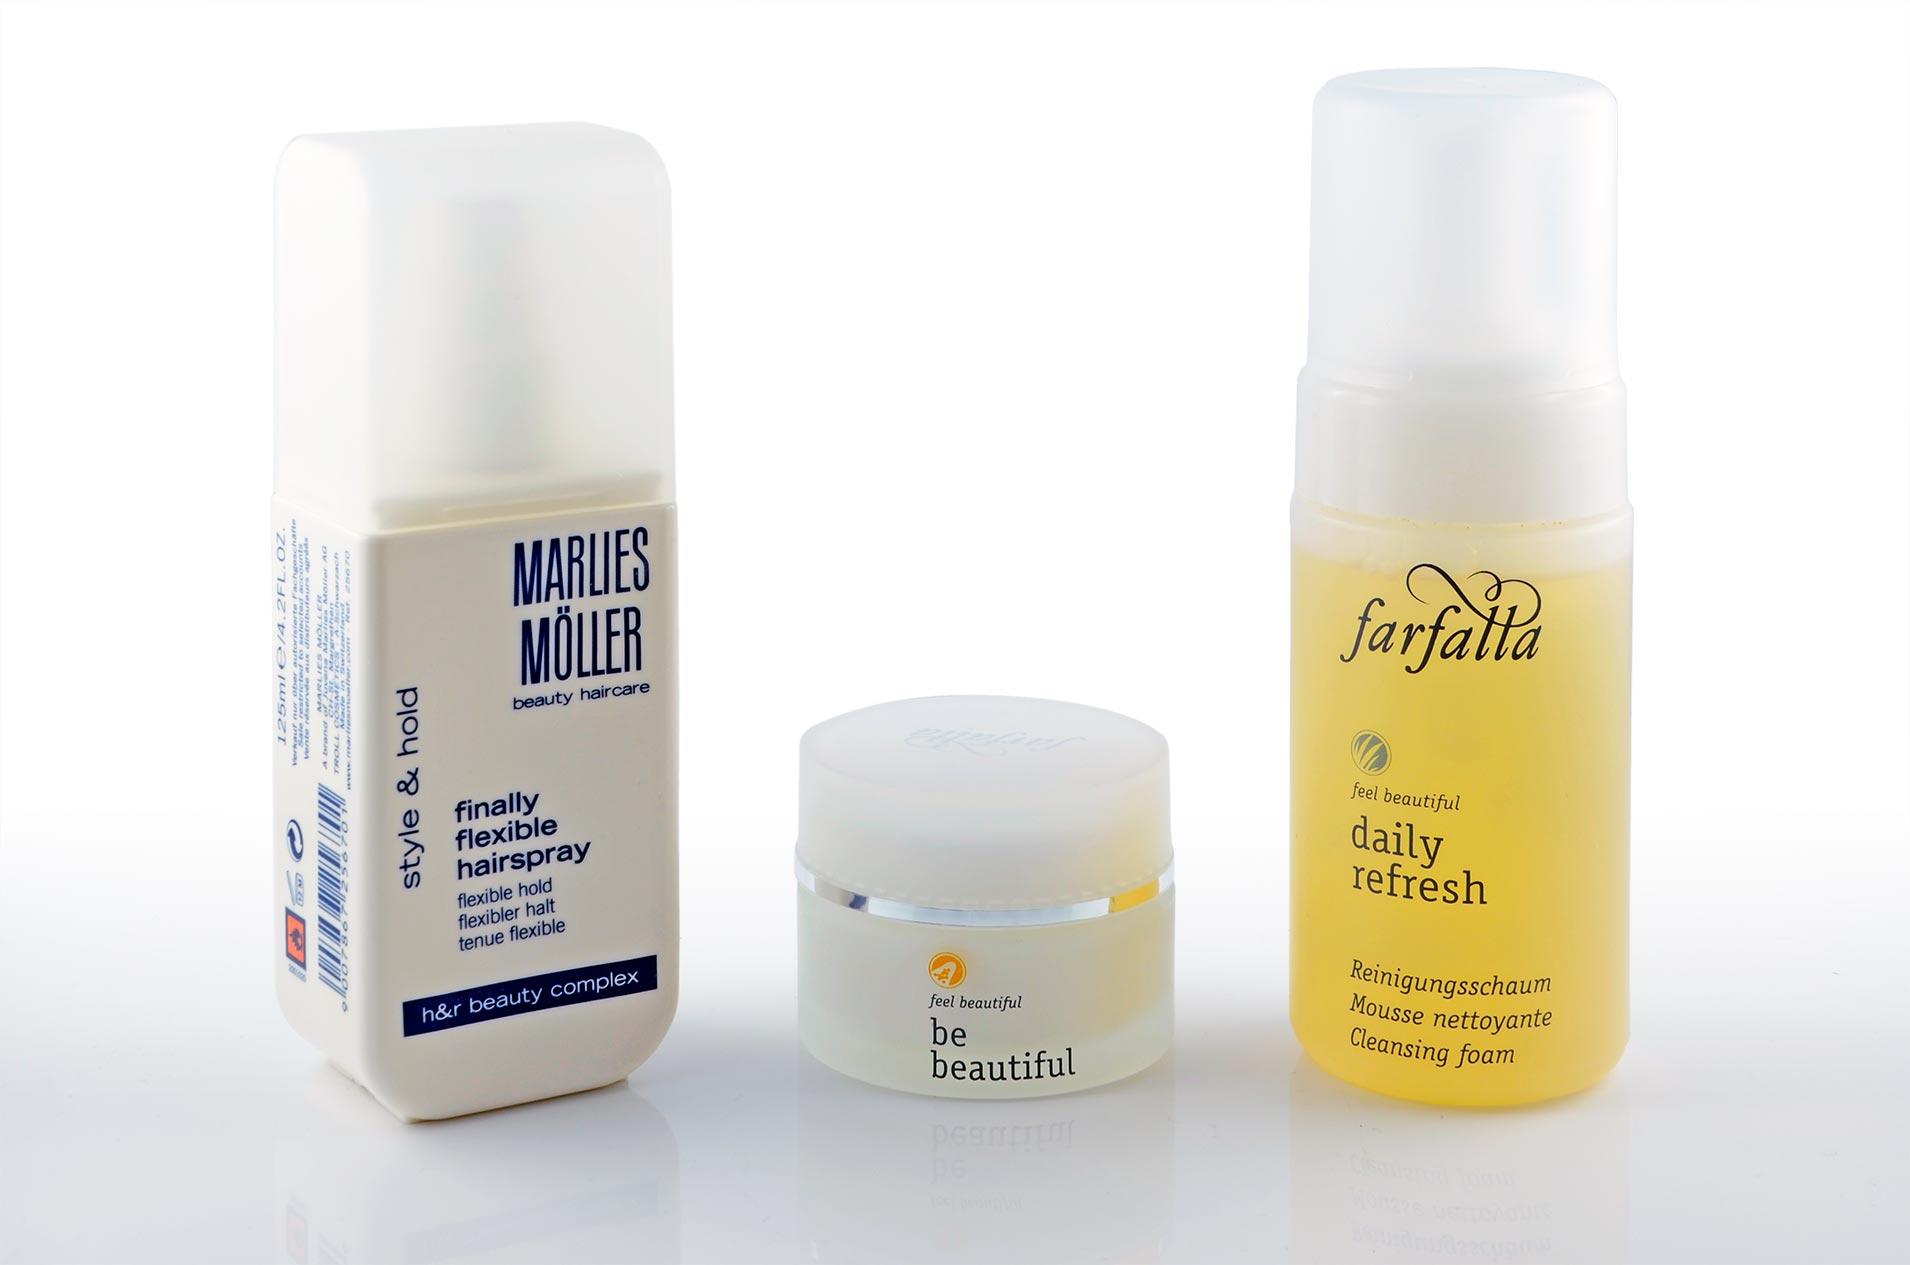 Haar- und Gesichtspflege-Produkte für Reisen